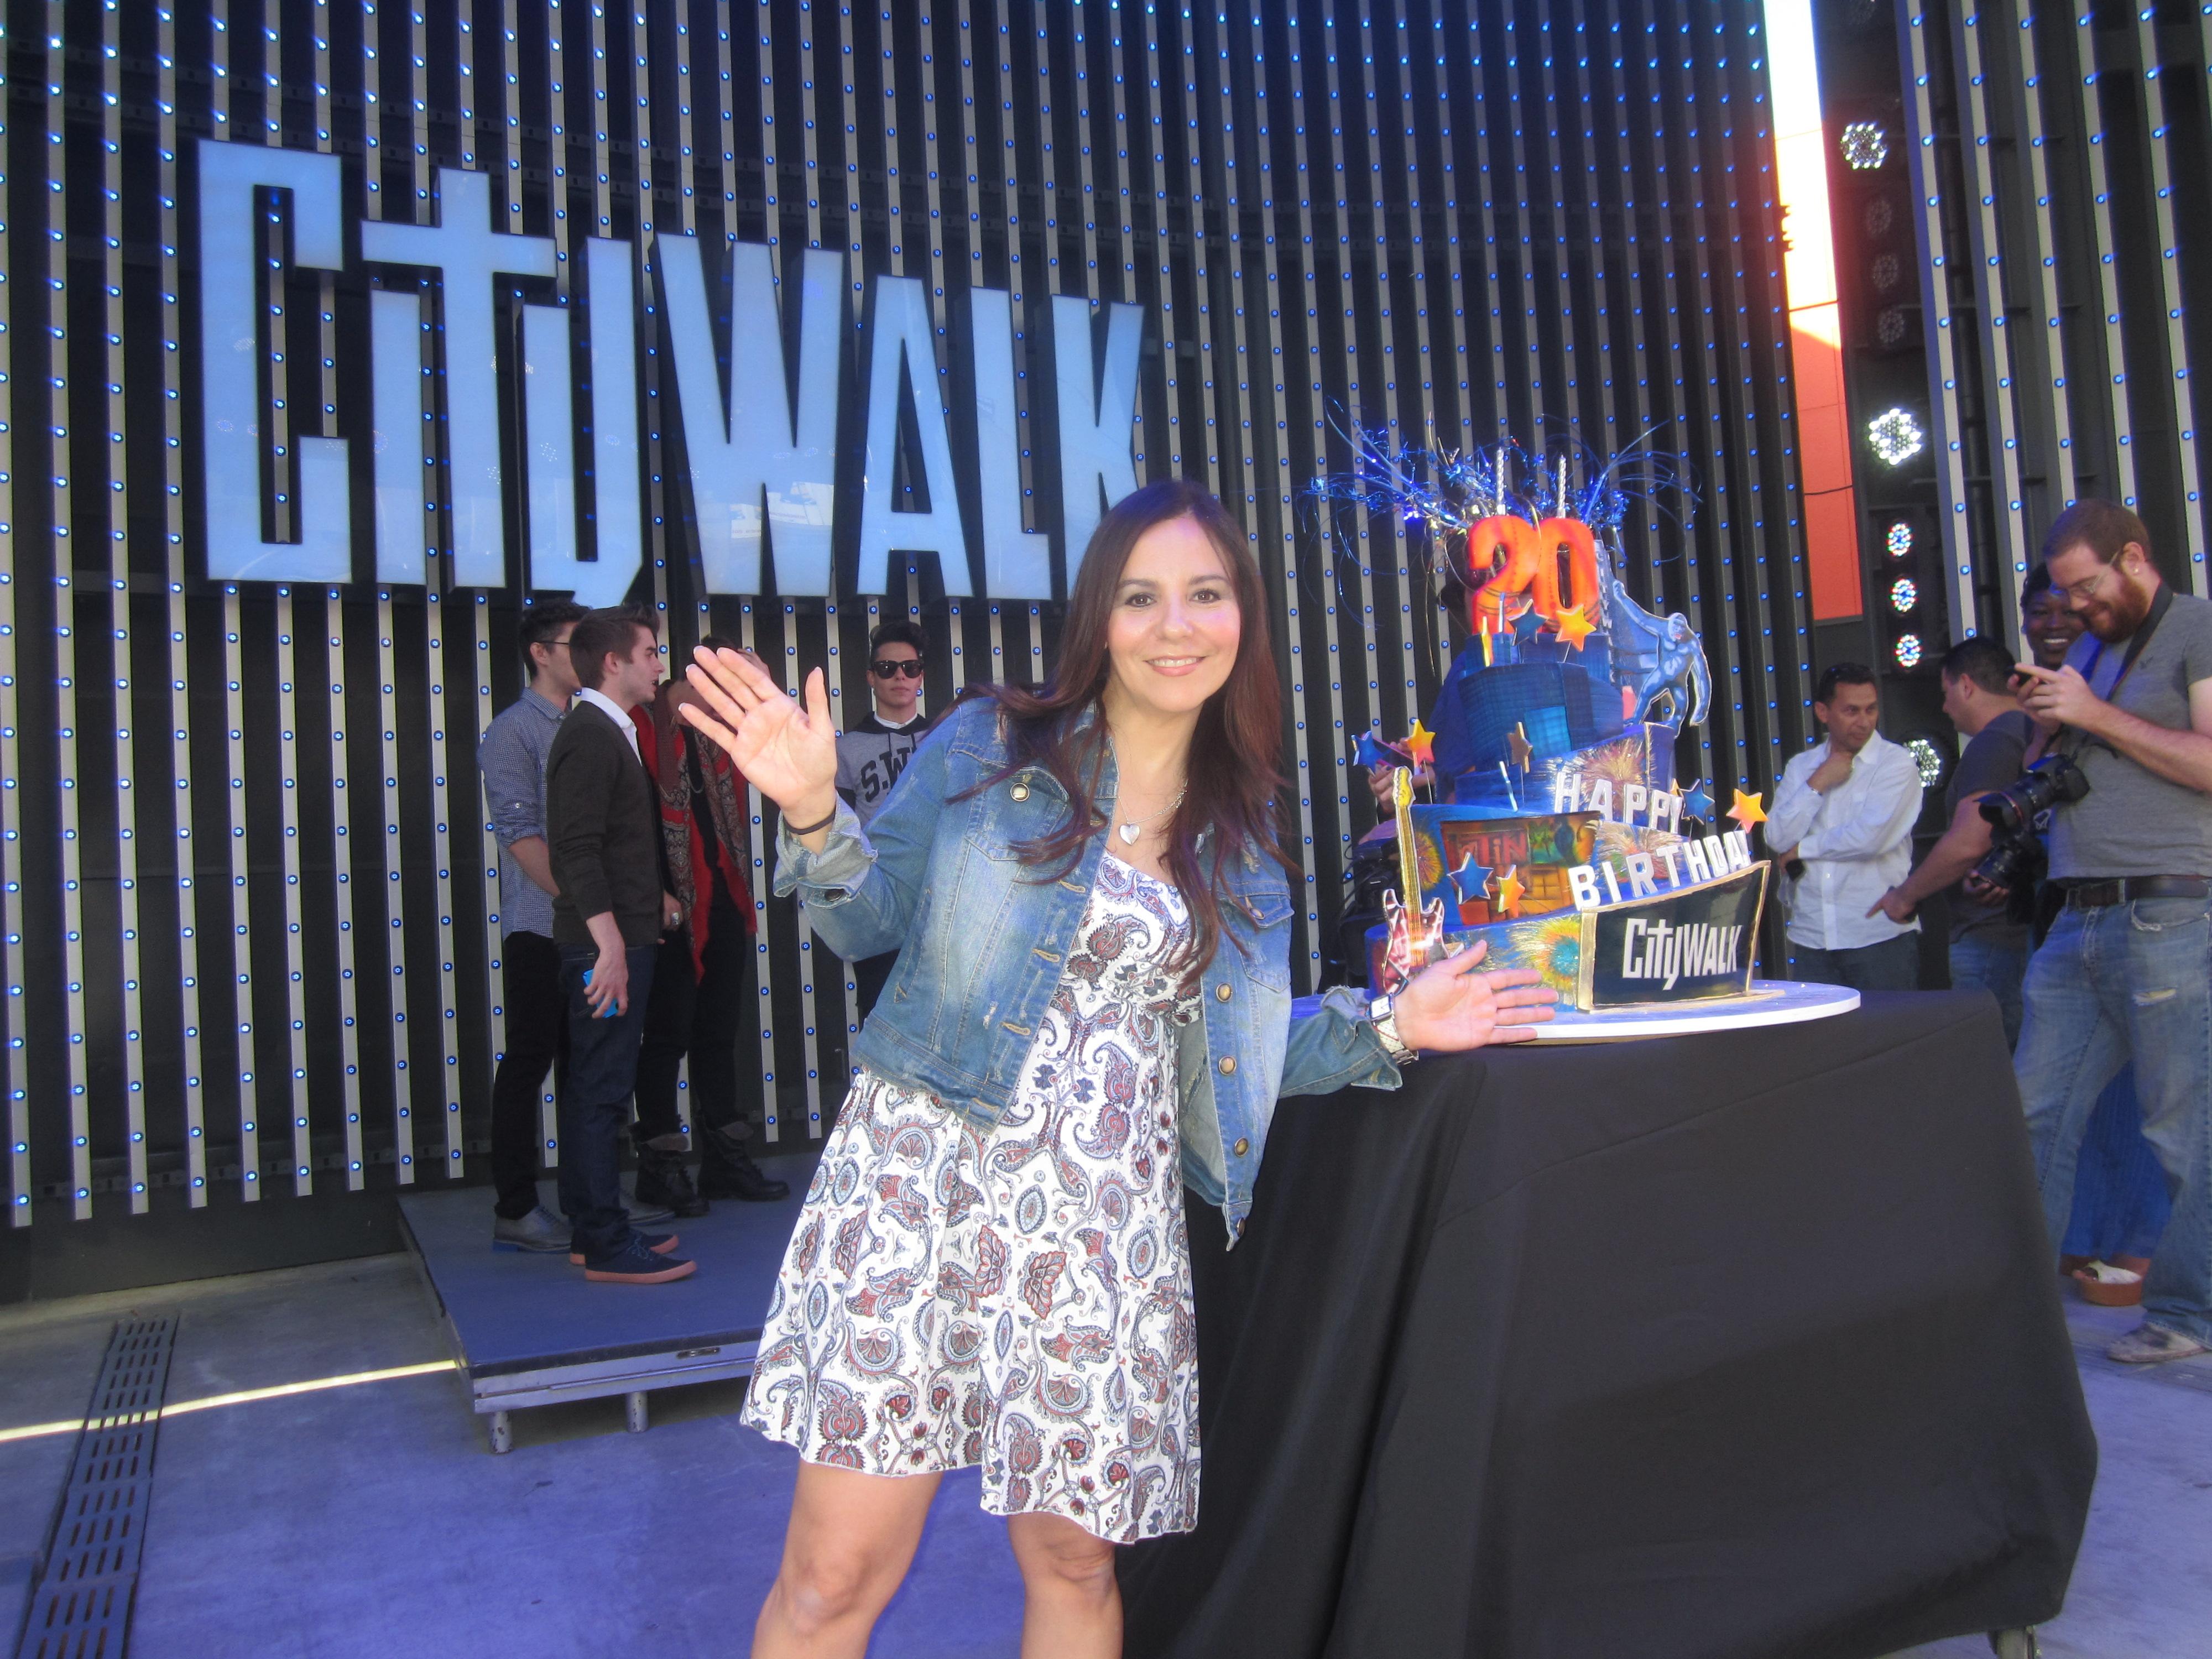 Fiesta de Cumpleaños en @CityWalkLA al estilo #Fast6… Universal Studios Hollywood.